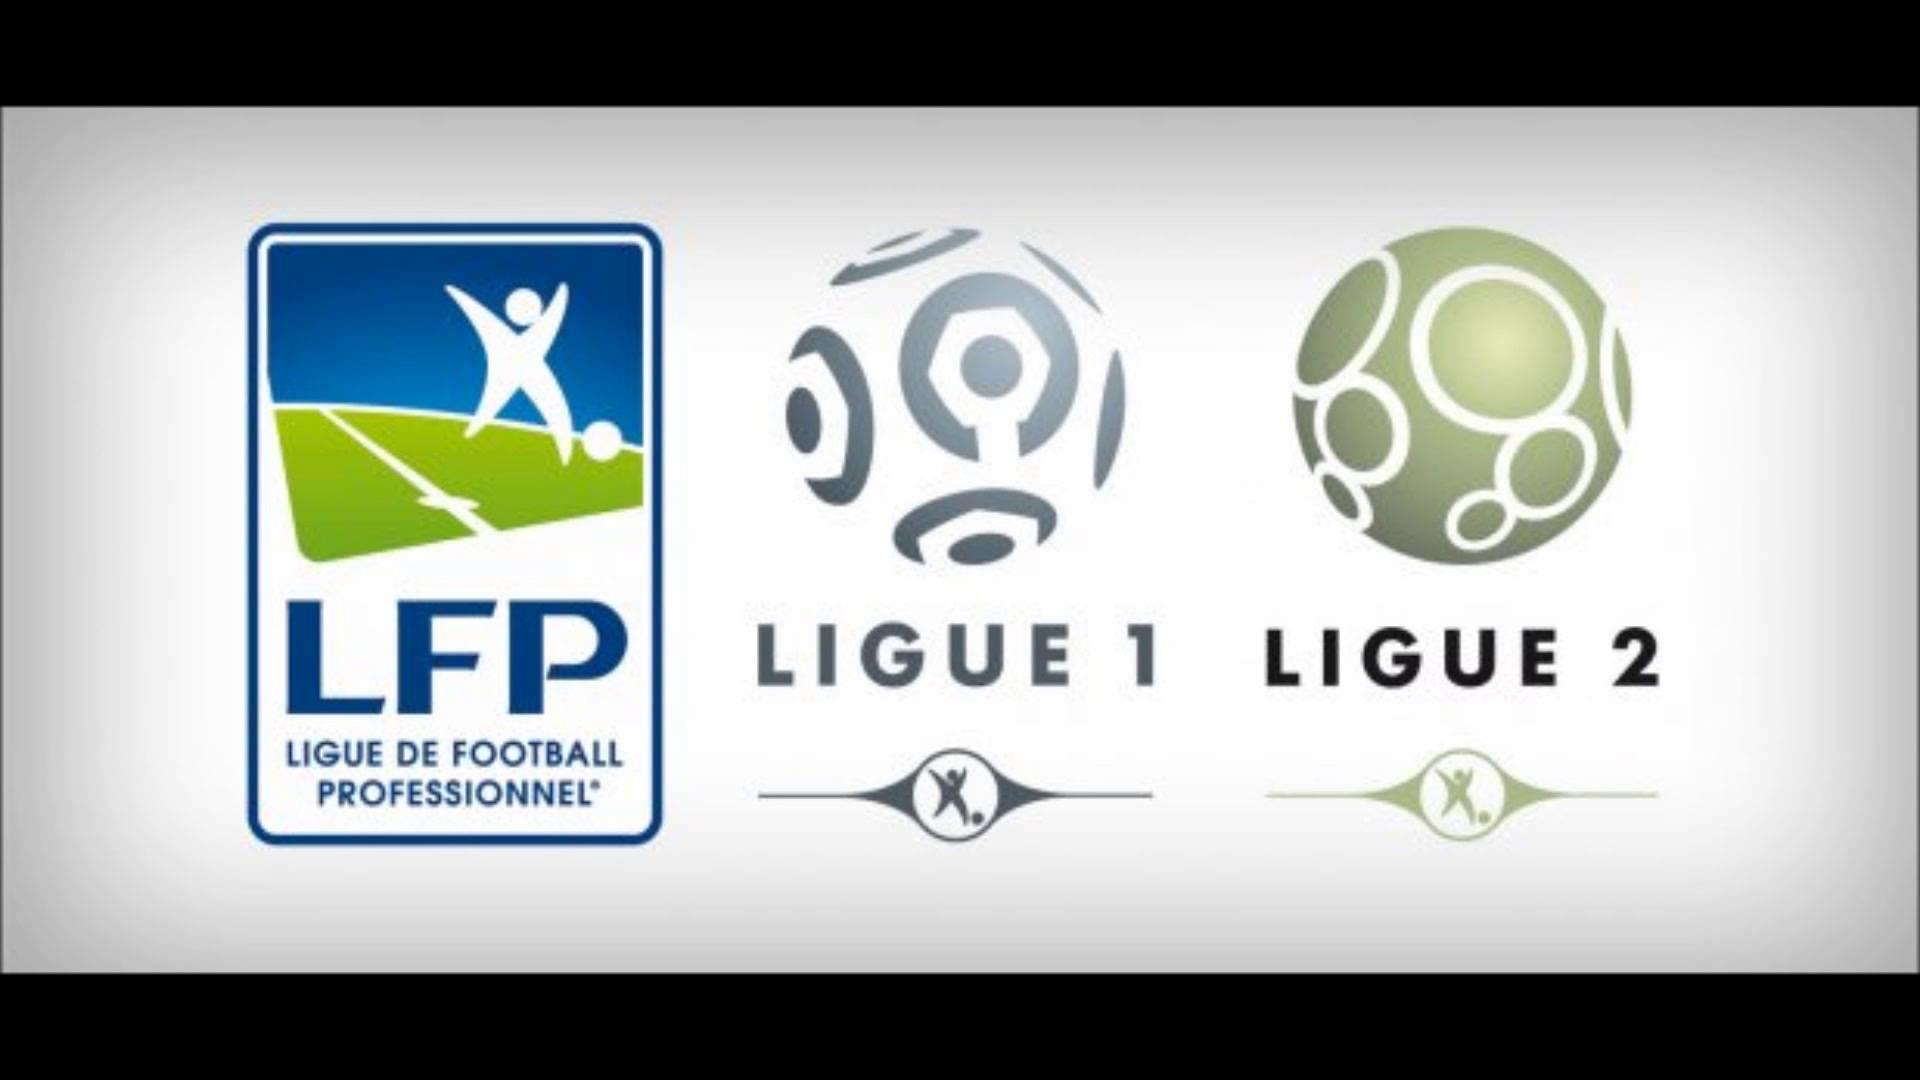 Ligue 1 reprise : Des sénateurs déposent un amendement - La LFP condamne cette action